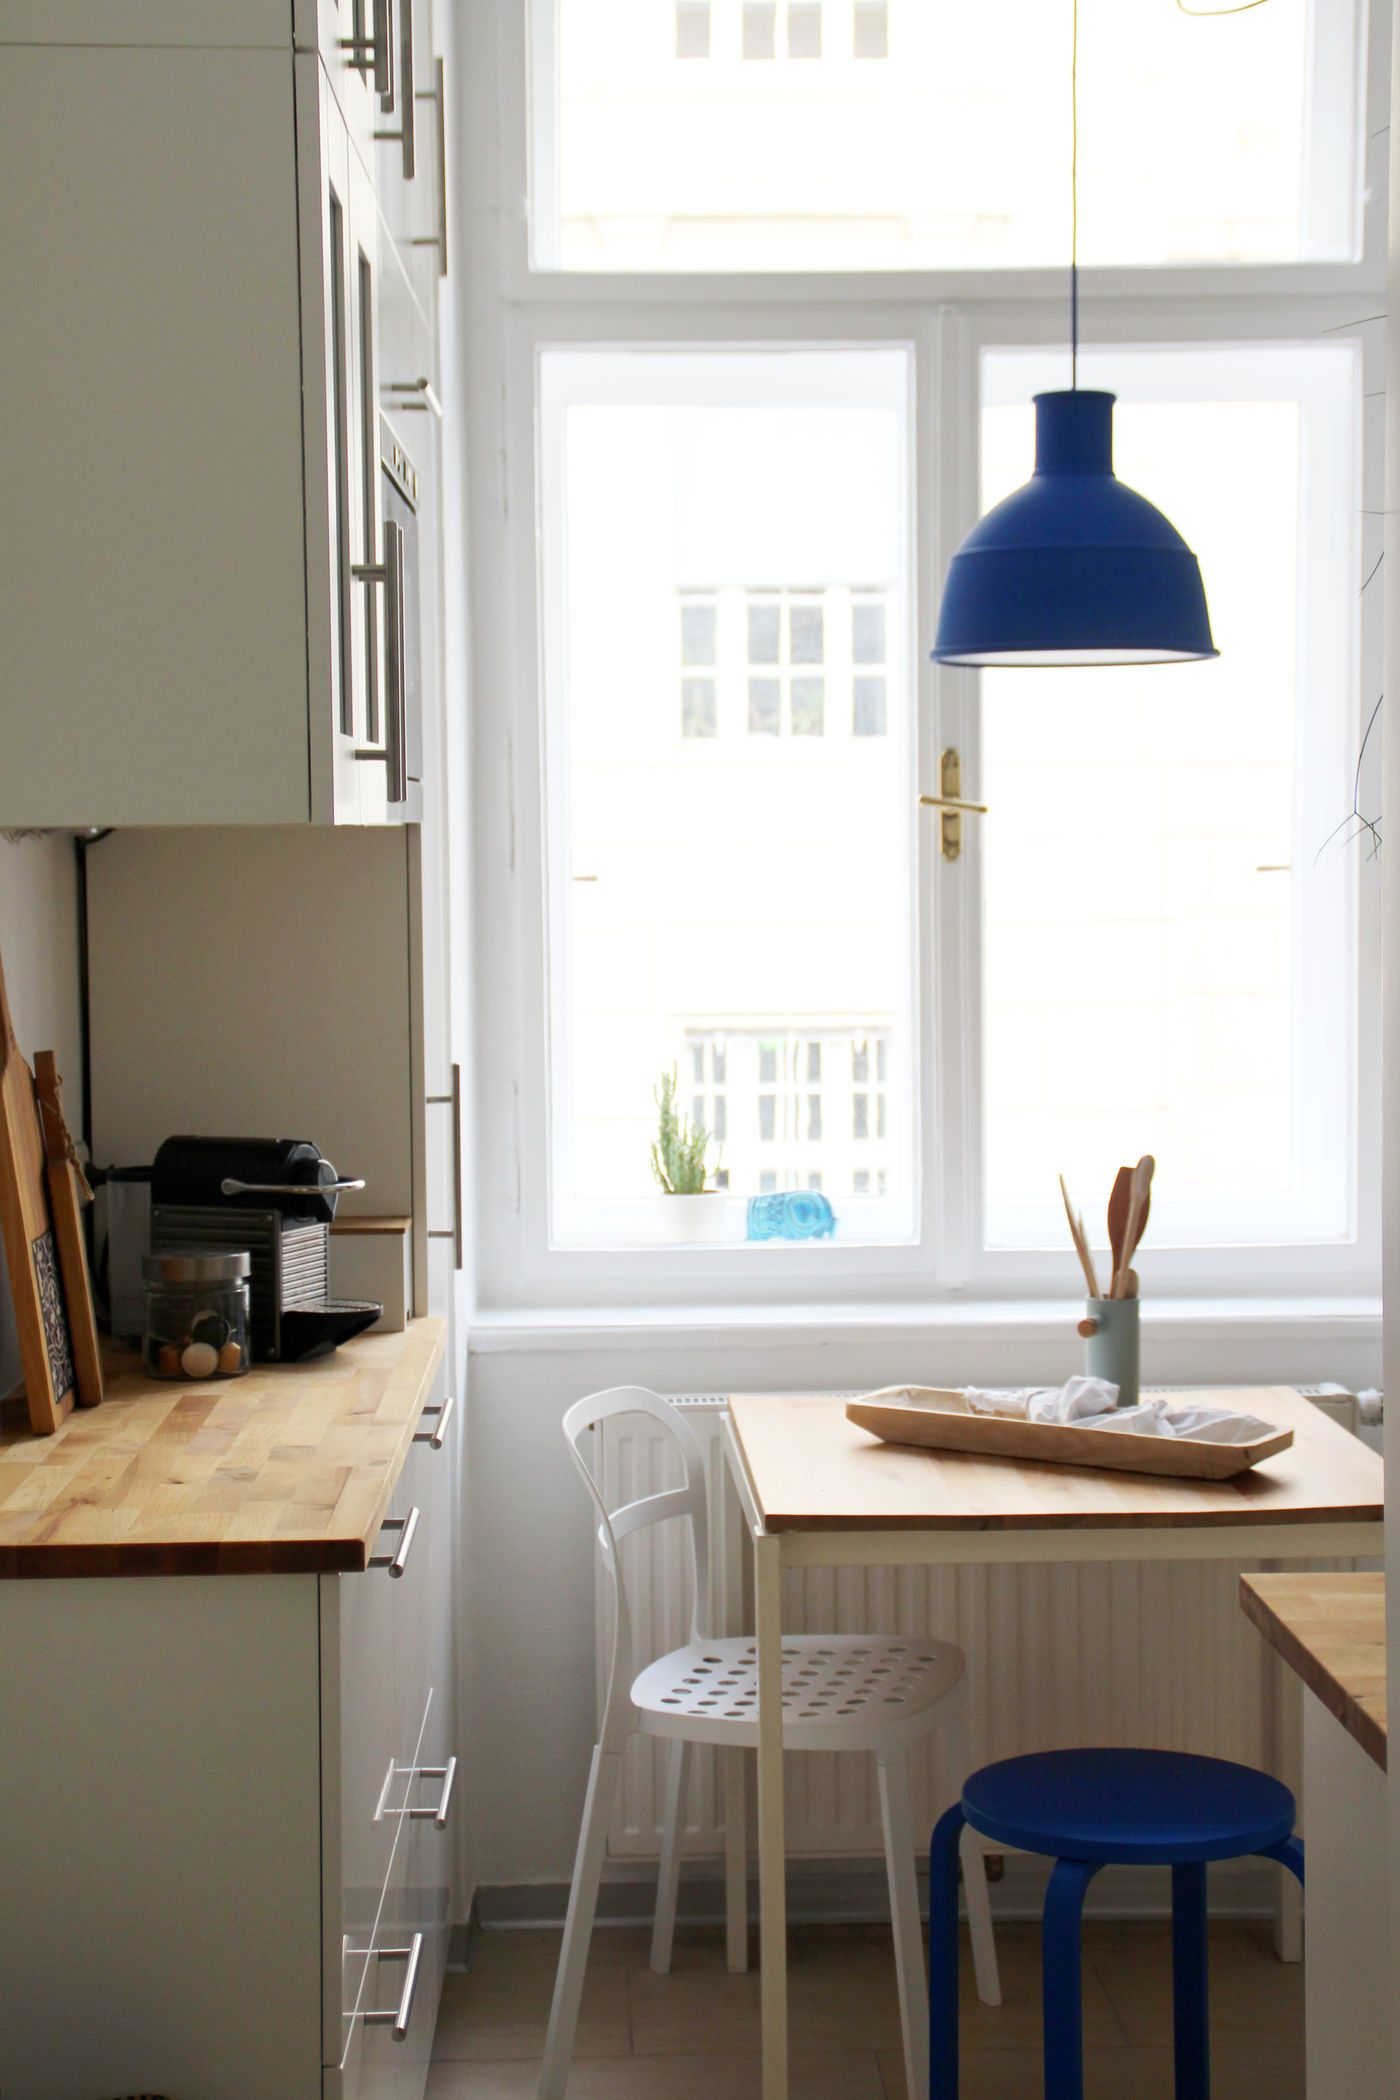 Full Size of Ikea Küchen Kchen Tolle Tipps Und Ideen Fr Kchenplanung Küche Kosten Miniküche Betten 160x200 Kaufen Regal Sofa Mit Schlaffunktion Modulküche Bei Wohnzimmer Ikea Küchen